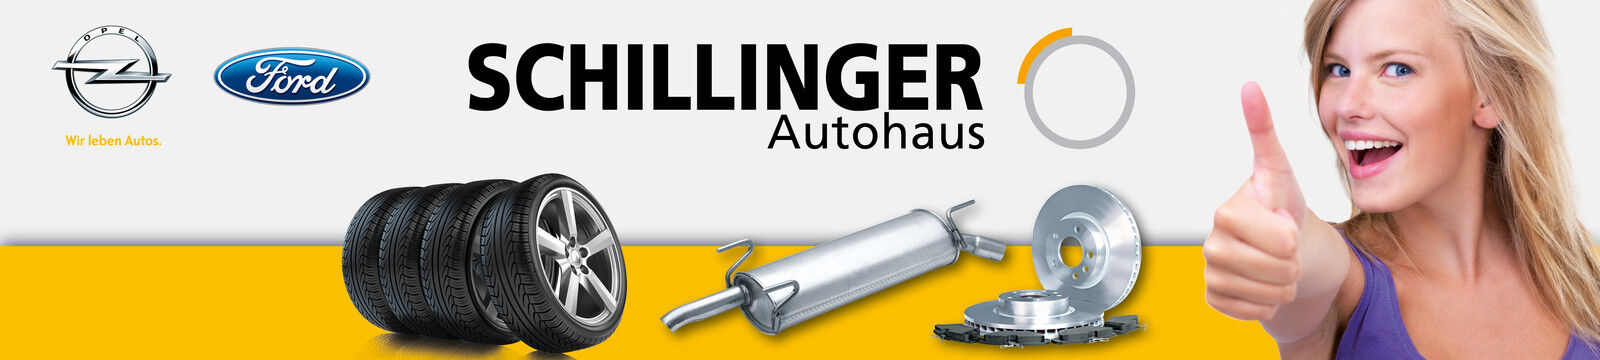 Autohaus Schillinger